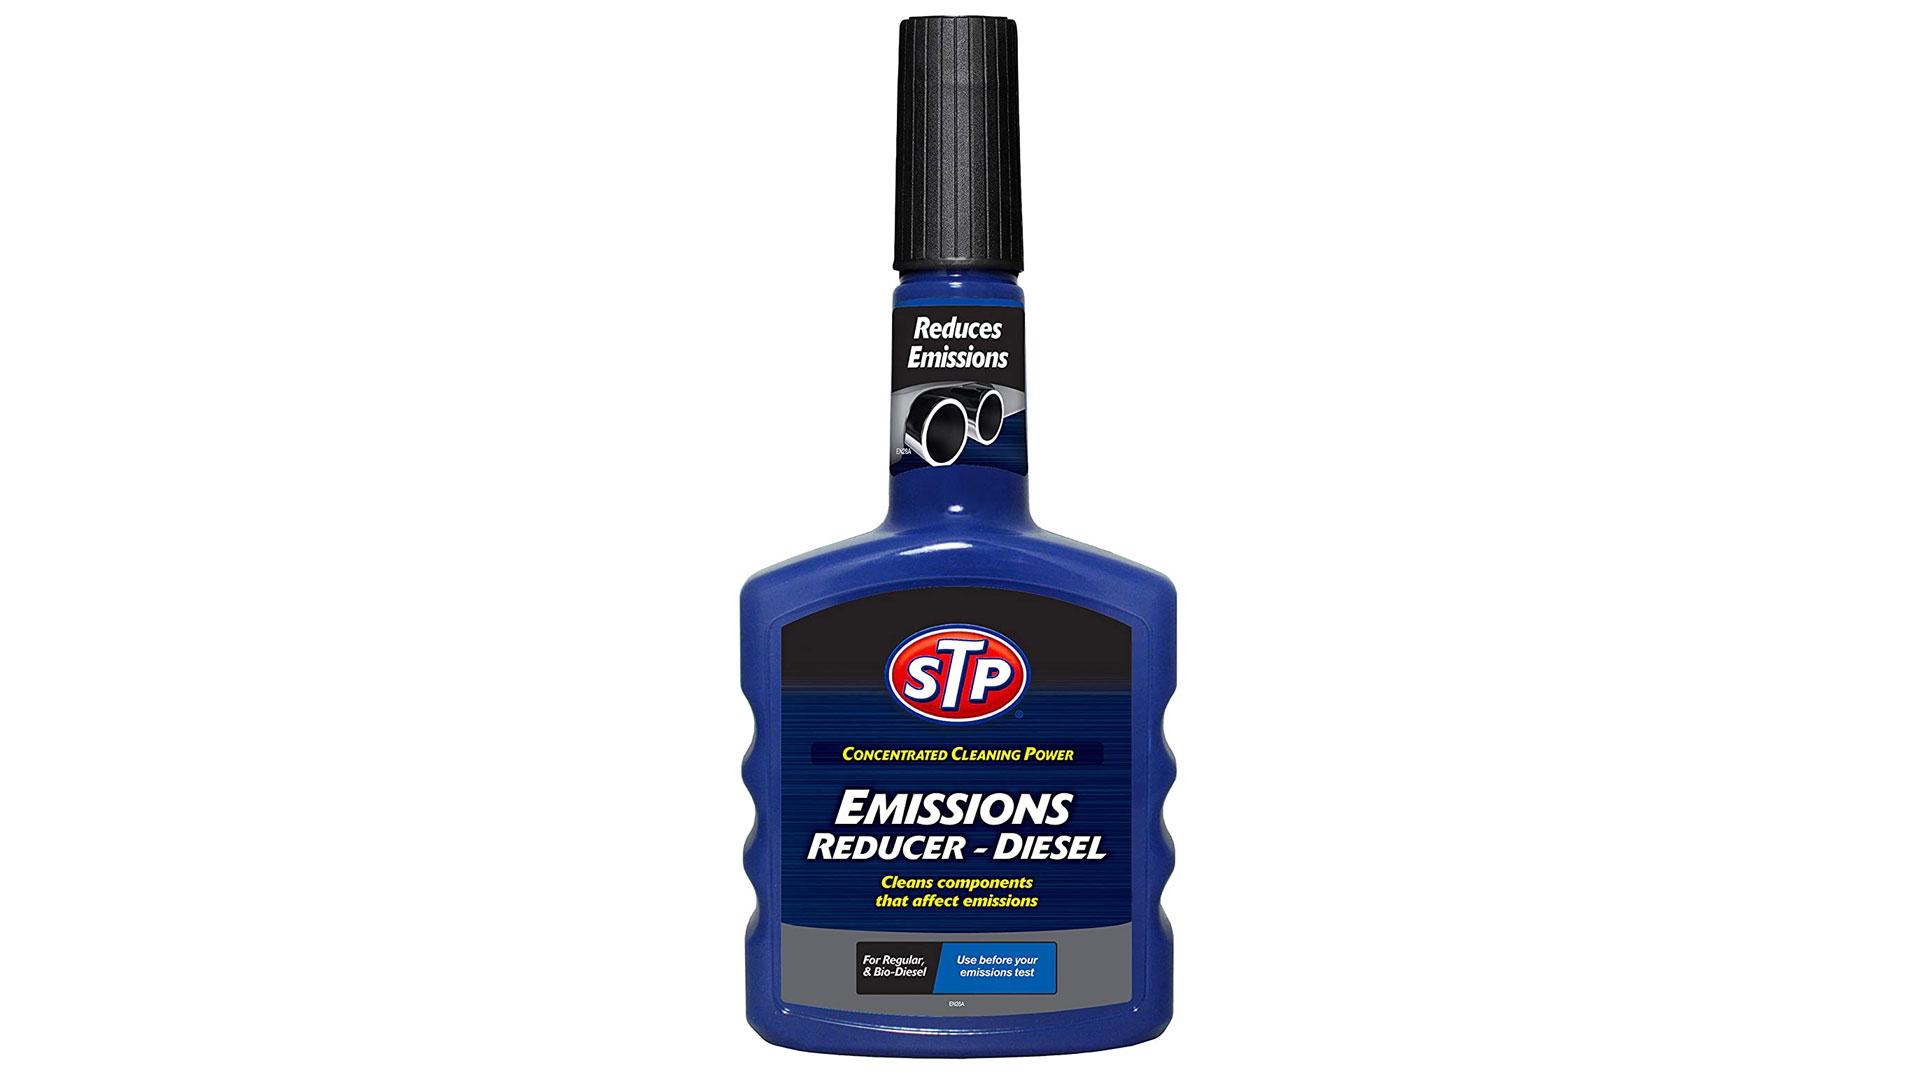 stp diesel emissions reducer